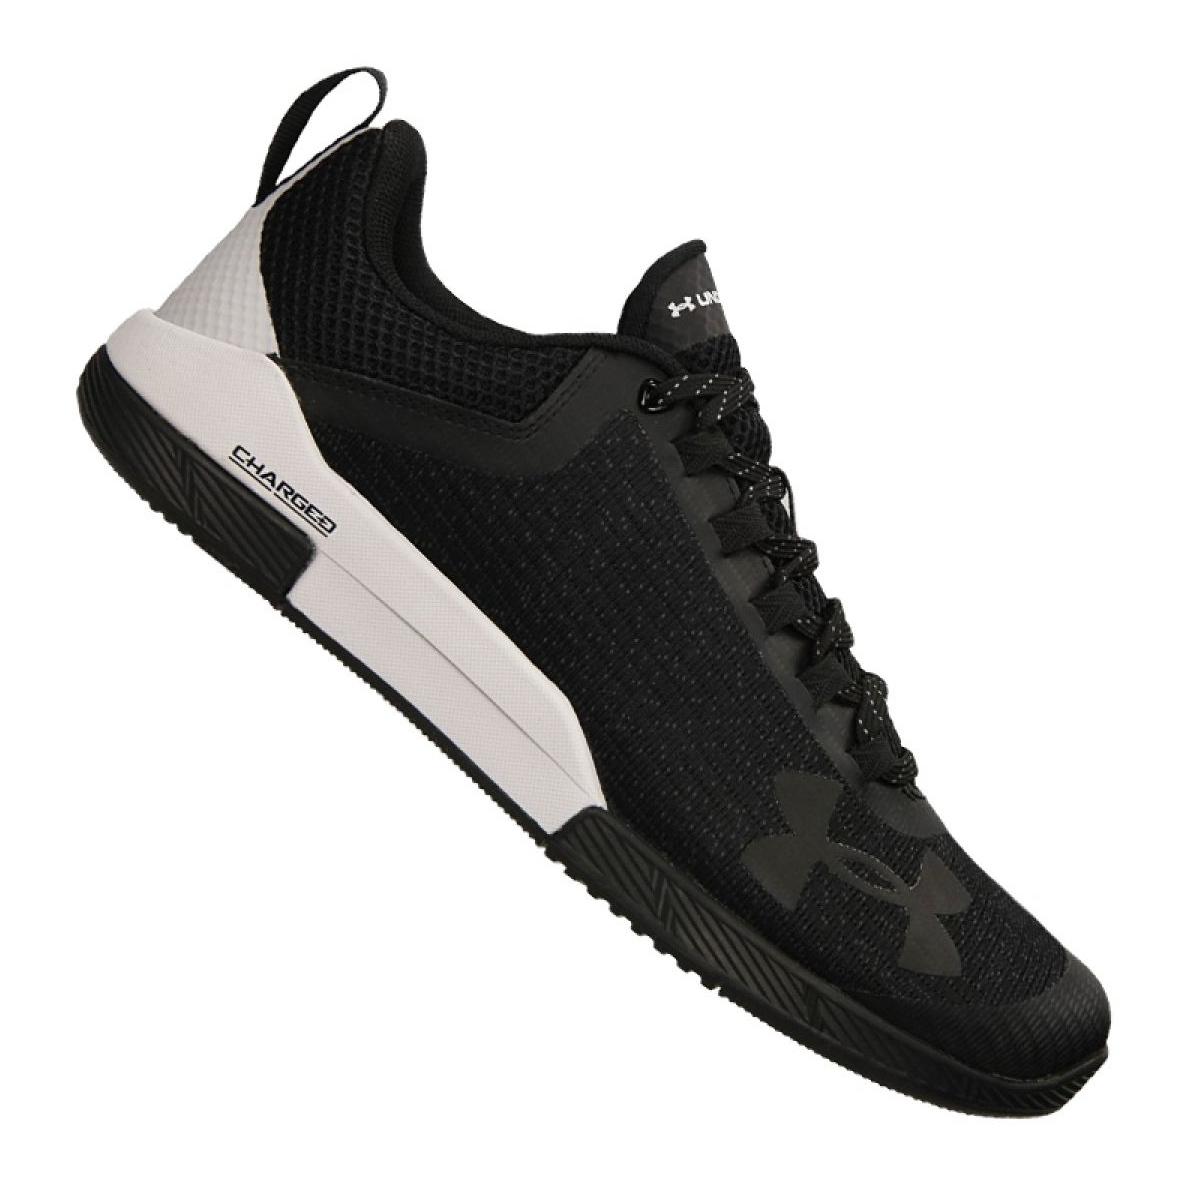 Legend Tr M 1293035-003 shoes black